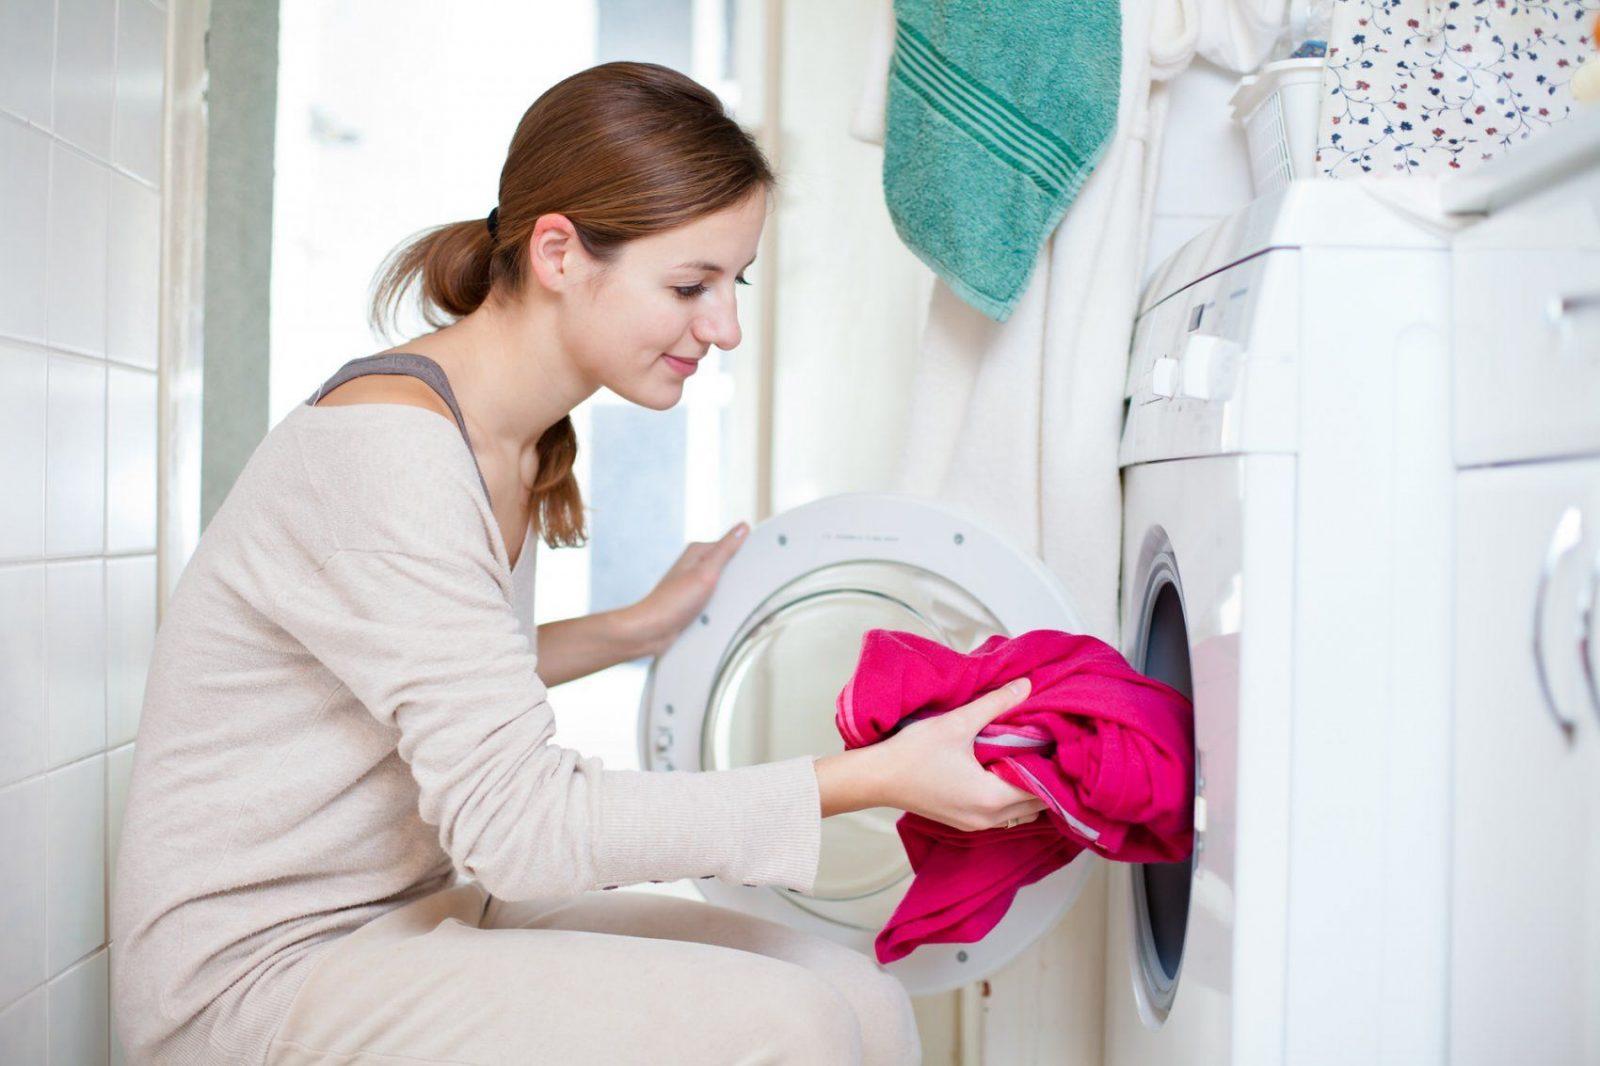 bettw sche waschen wie viel grad sind richtig von auf wieviel grad w scht man bettw sche photo